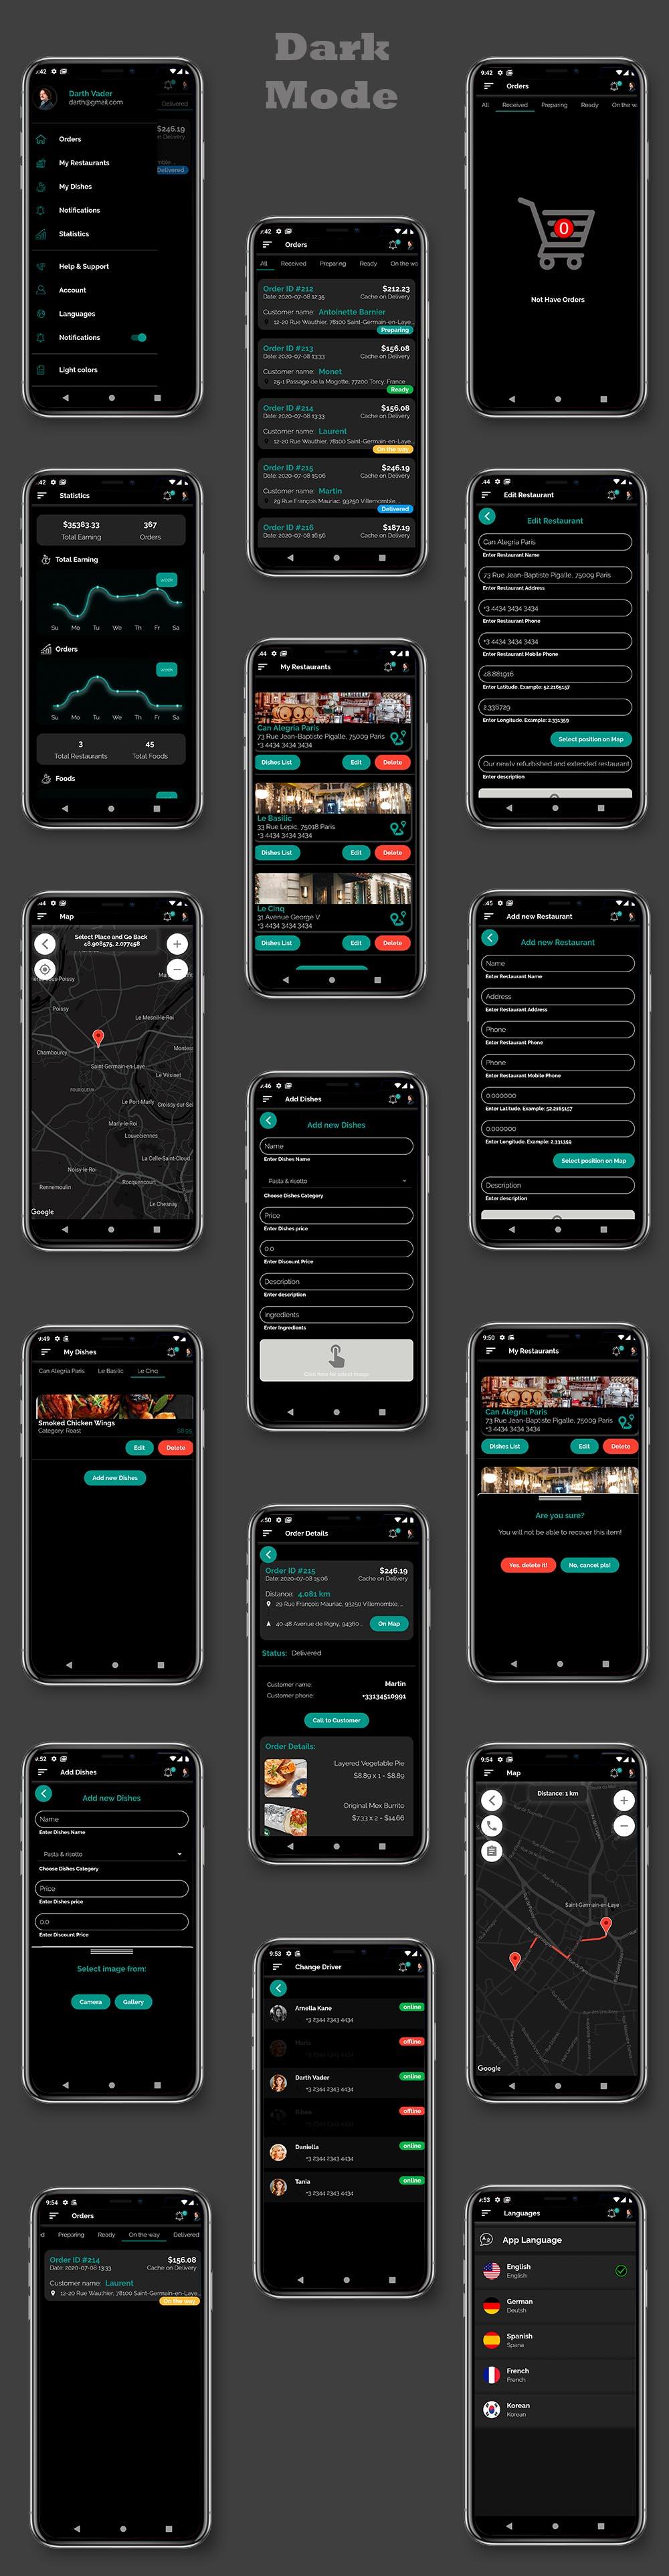 Kit d'interface utilisateur de livraison de nourriture dans Flutter - 3 applications - application client + application livraison + application propriétaire - 4